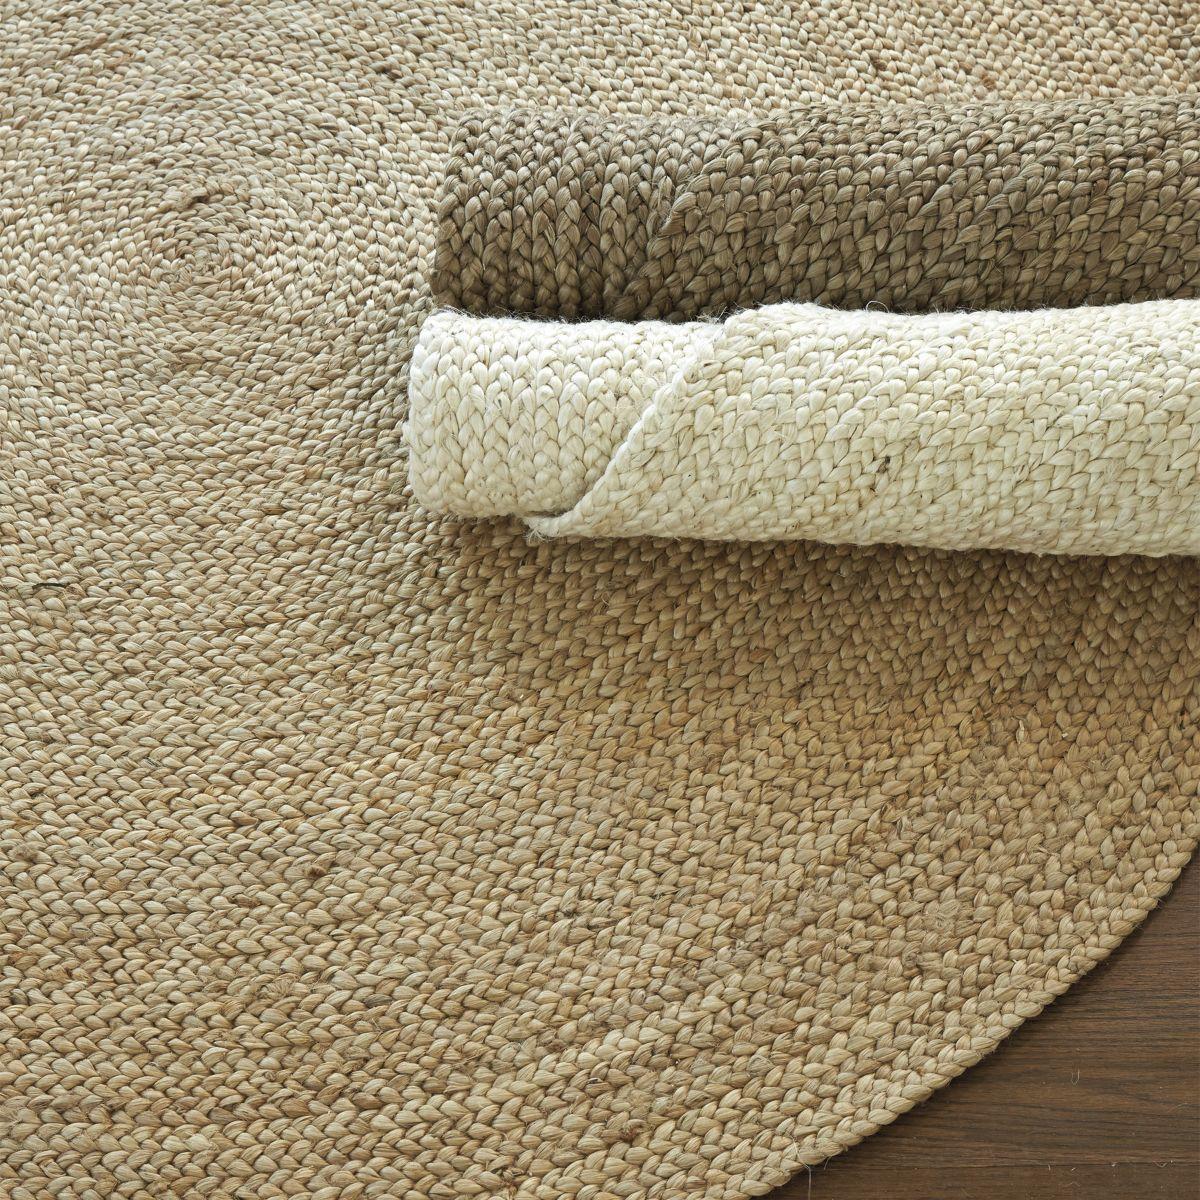 round braided jute rug in 2019 | nursery | pinterest | rugs, jute